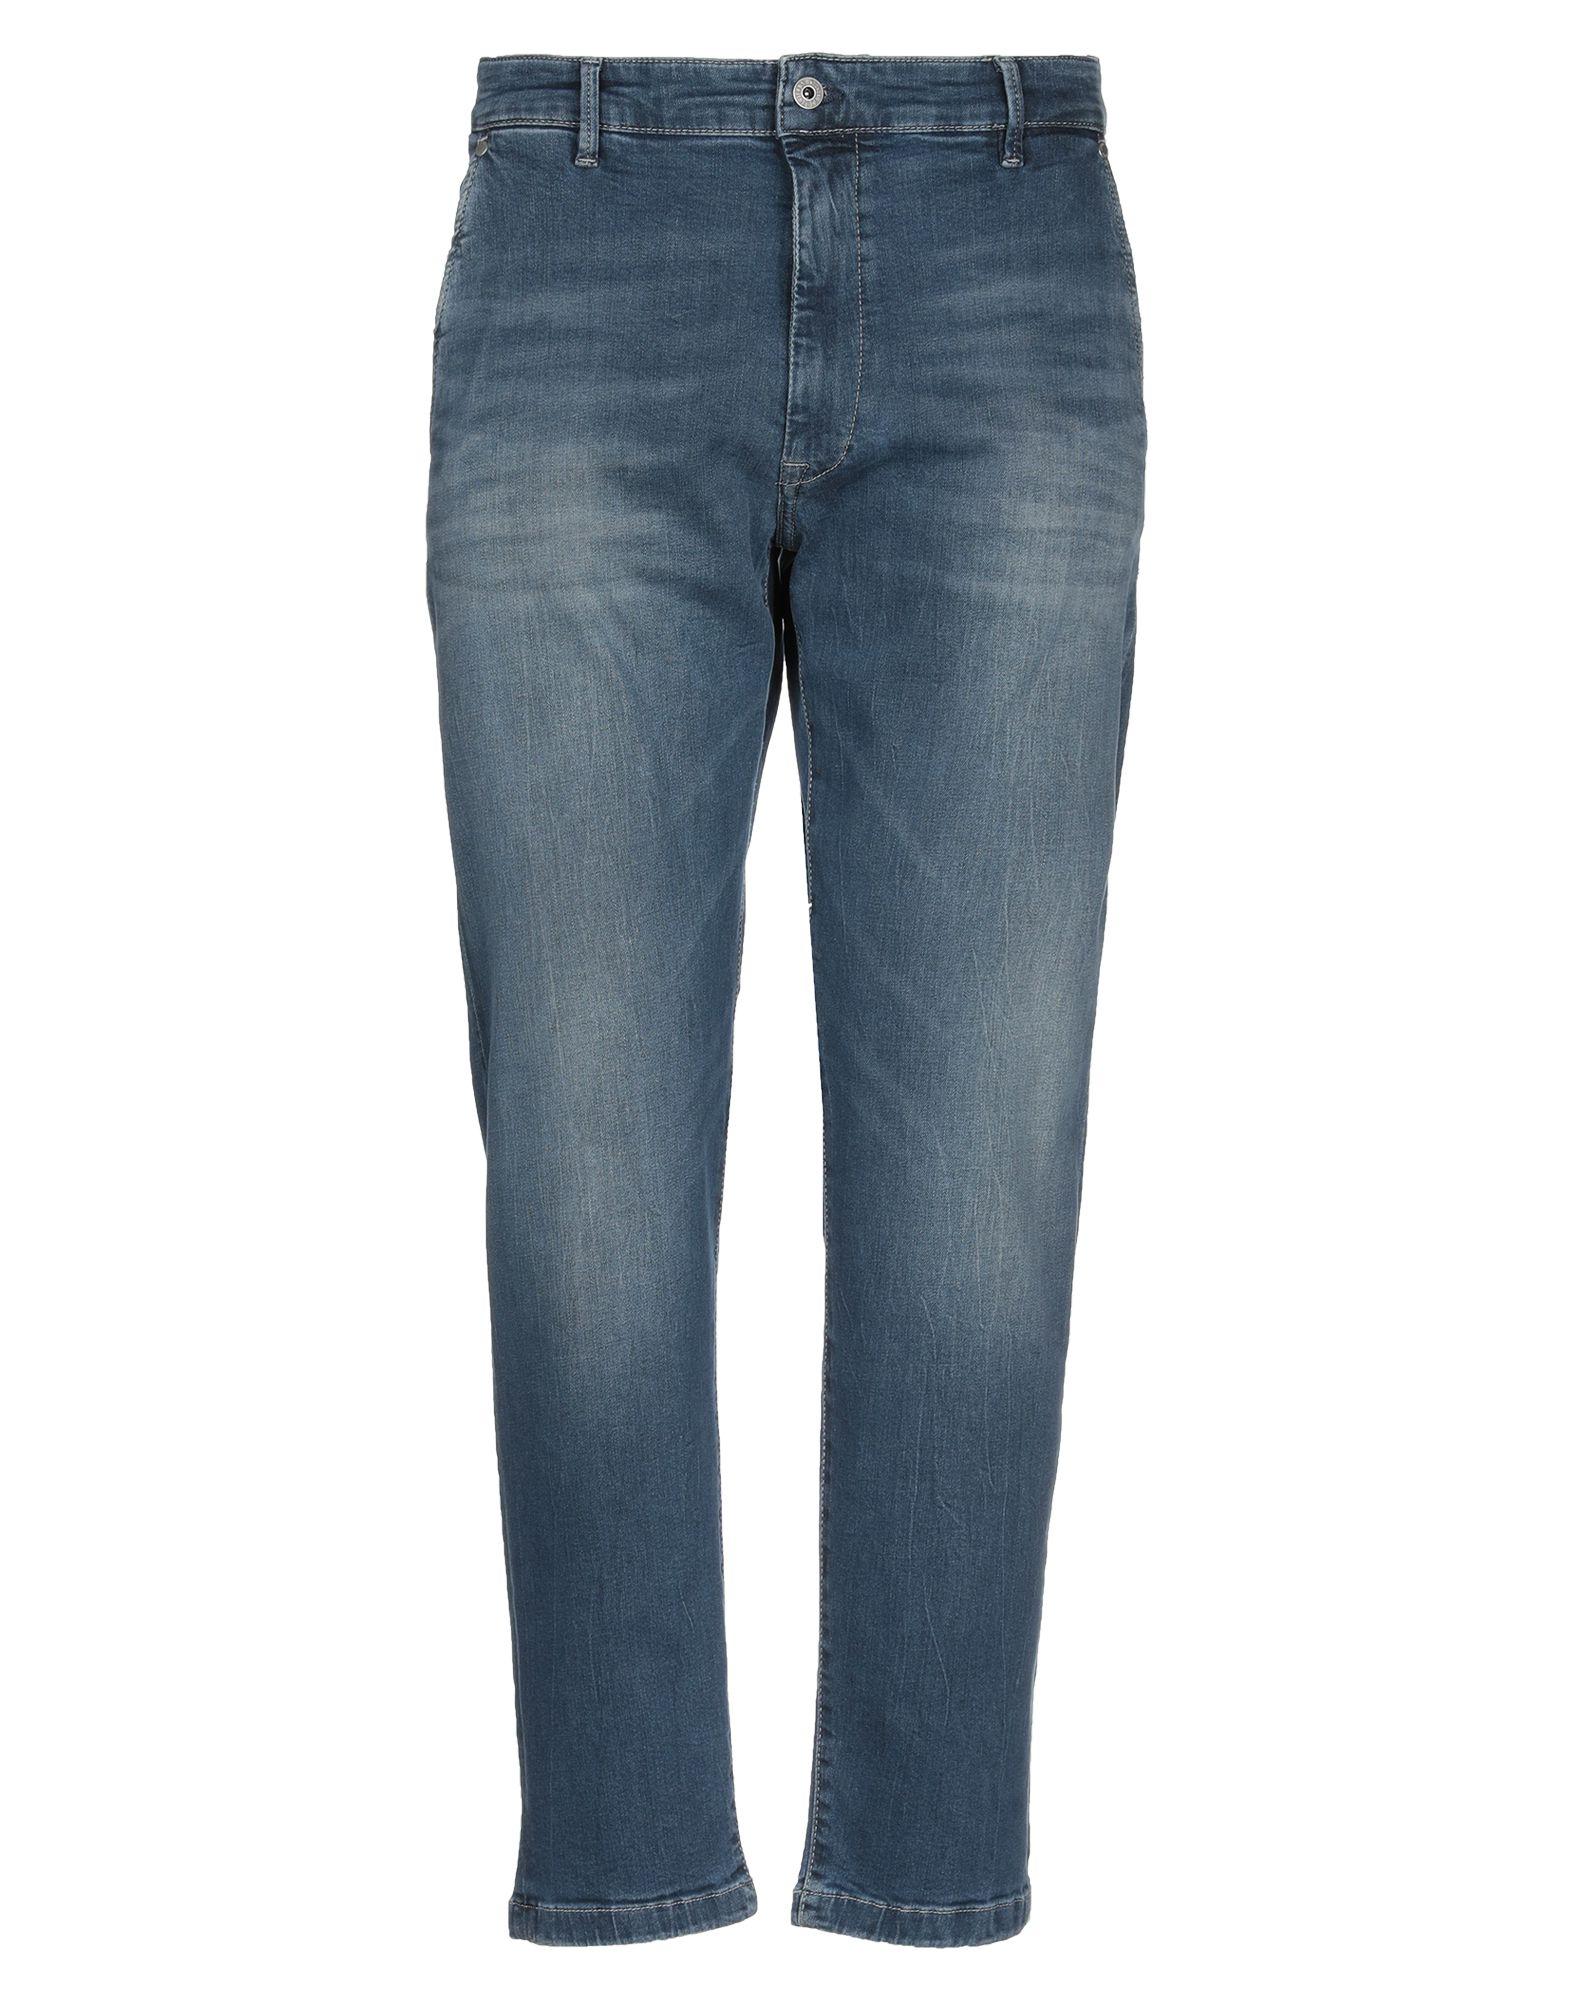 Pantaloni Jeans Pepe Jeans uomo - 42755888EG 42755888EG